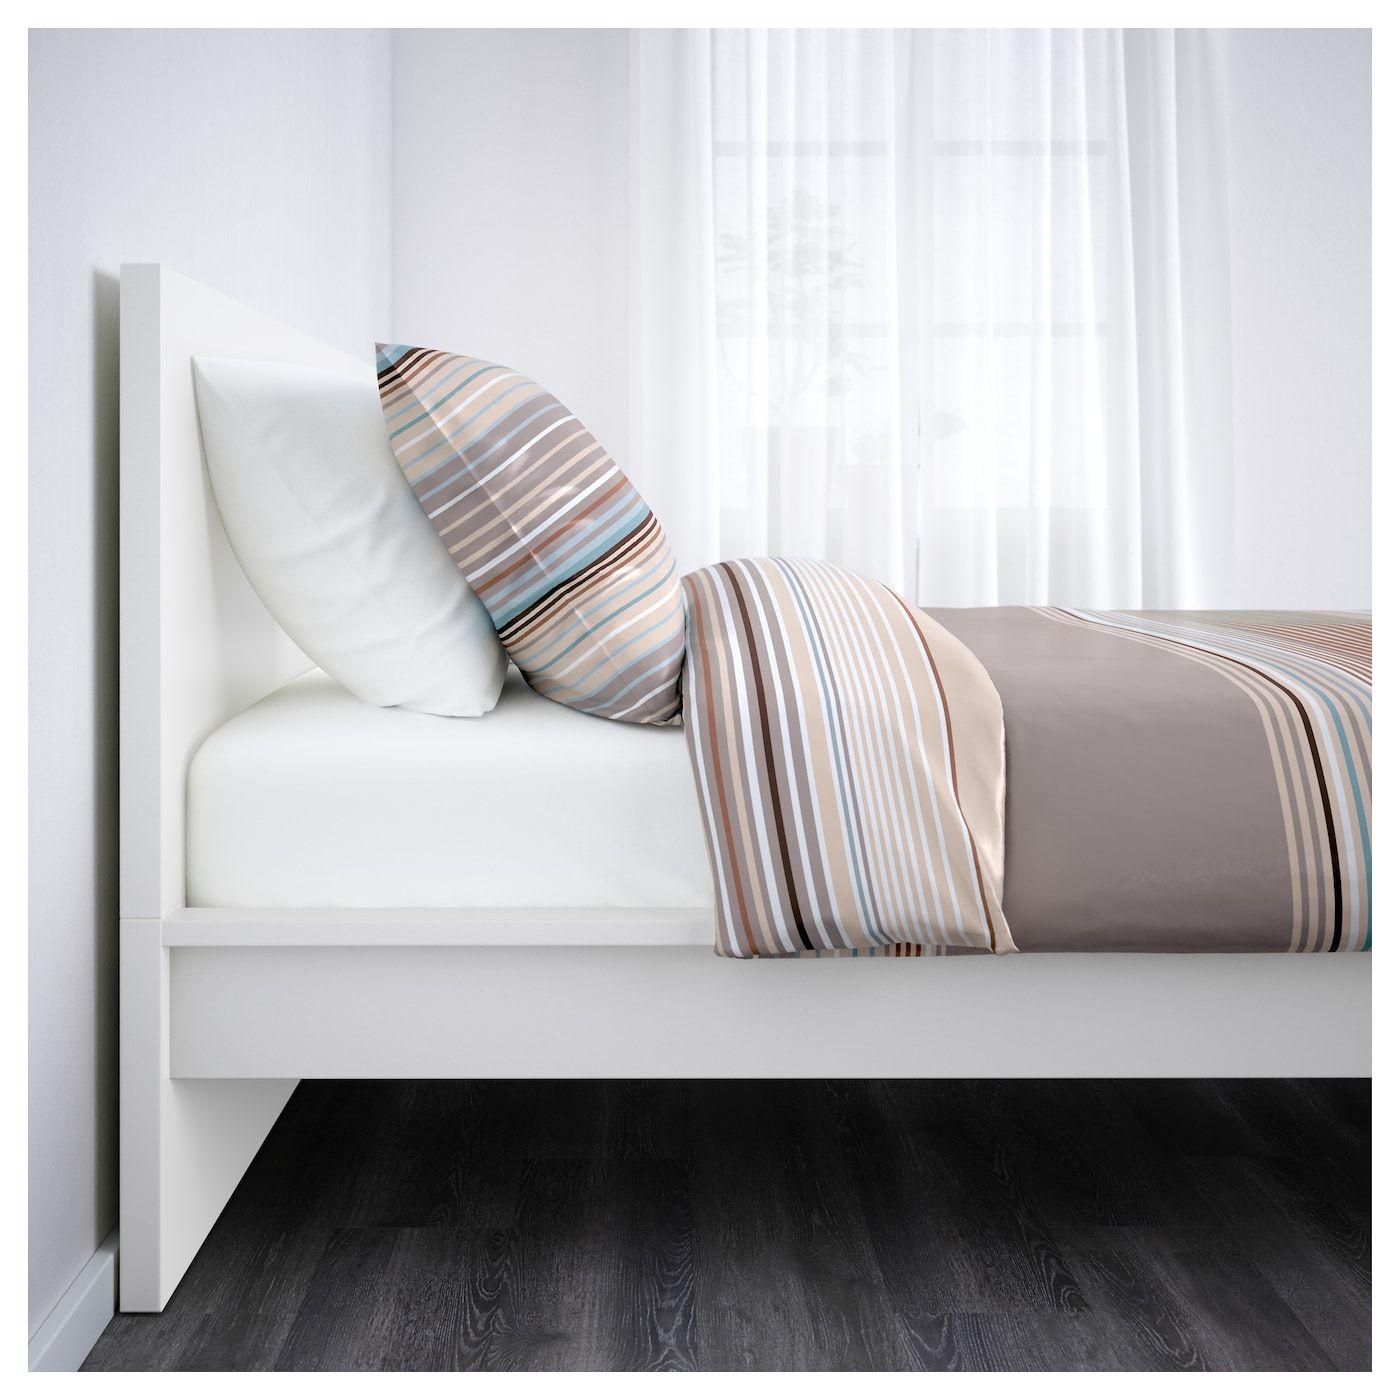 Malm Cadre De Lit Haut Blanc 90x200 Cm Ikea Cadre De Lit Structure De Lit Lit Haut